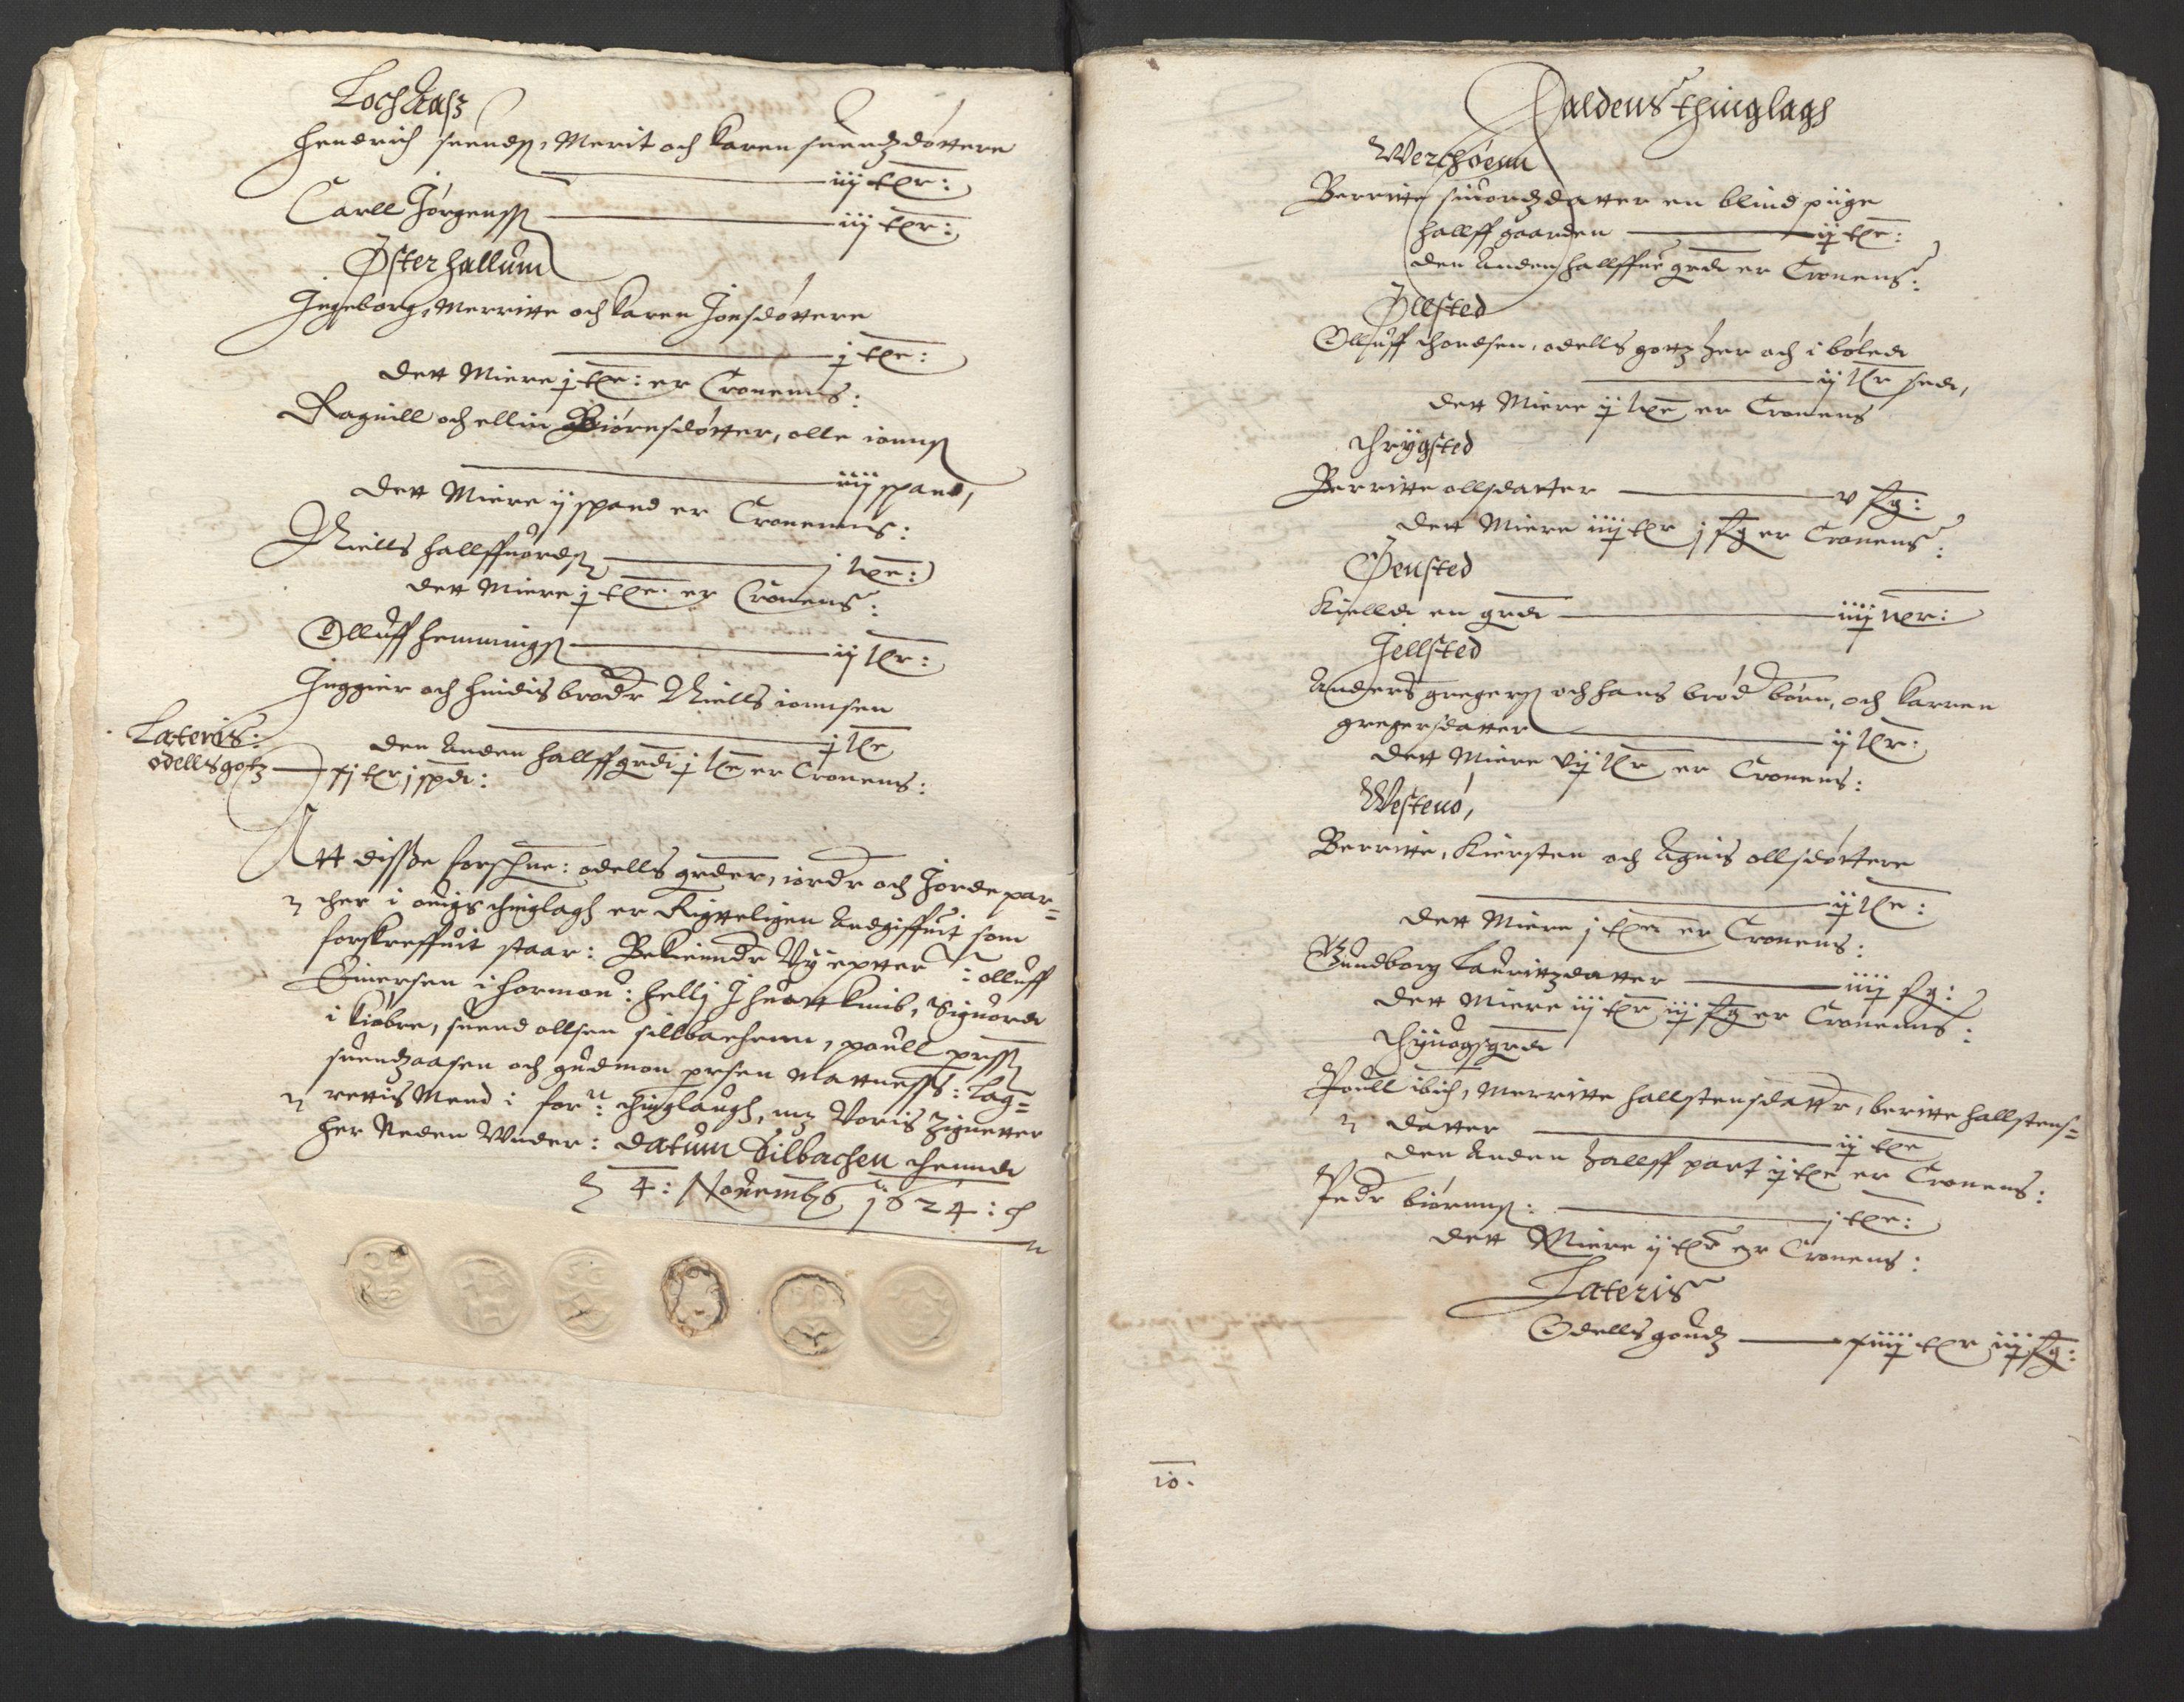 RA, Stattholderembetet 1572-1771, Ek/L0013: Jordebøker til utlikning av rosstjeneste 1624-1626:, 1624-1625, s. 105